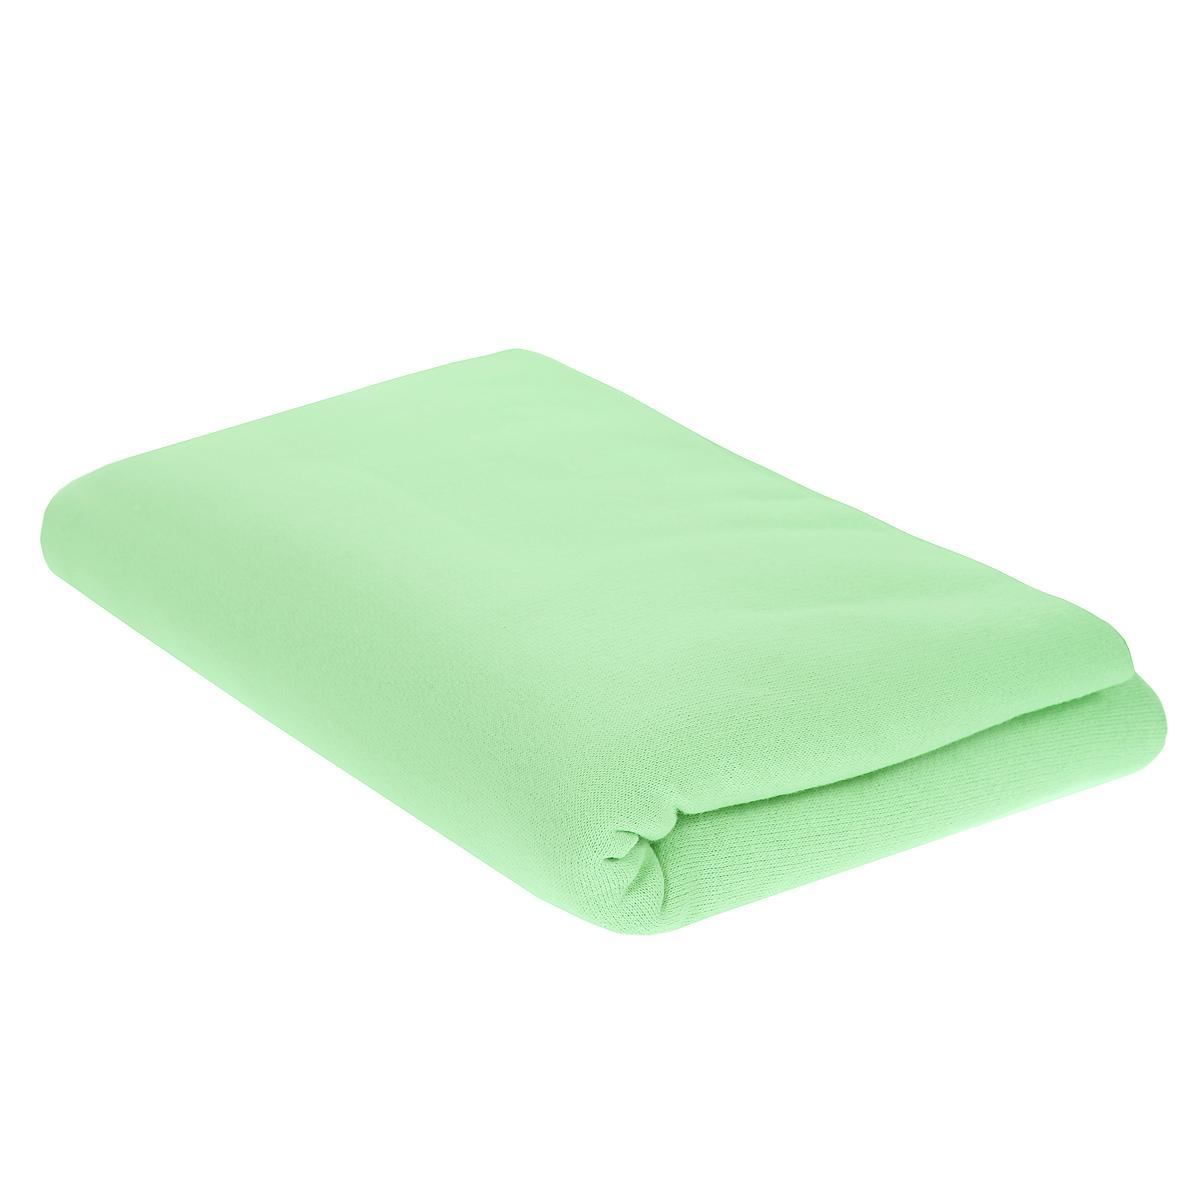 Пеленка детская Трон-Плюс, цвет: салатовый, 120 см х 90 см5411 сДетская пеленка Трон-Плюс подходит для пеленания ребенка с самого рождения. Она невероятно мягкая и нежная на ощупь. Пеленка выполнена из футера - хлопчатобумажной ткани с небольшим начесом с изнаночной стороны. Такая ткань прекрасно дышит, она гипоаллергенна, обладает повышенными теплоизоляционными свойствами и не теряет формы после стирки. Мягкая ткань укутывает малыша с необычайной нежностью. Пеленку также можно использовать как легкое одеяло в теплую погоду, простынку, полотенце после купания, накидку для кормления грудью или как согревающий компресс при коликах. Ее размер подходит для пеленания даже крупного малыша. Характеристики: Размер пеленки: 120 см x 90 см.